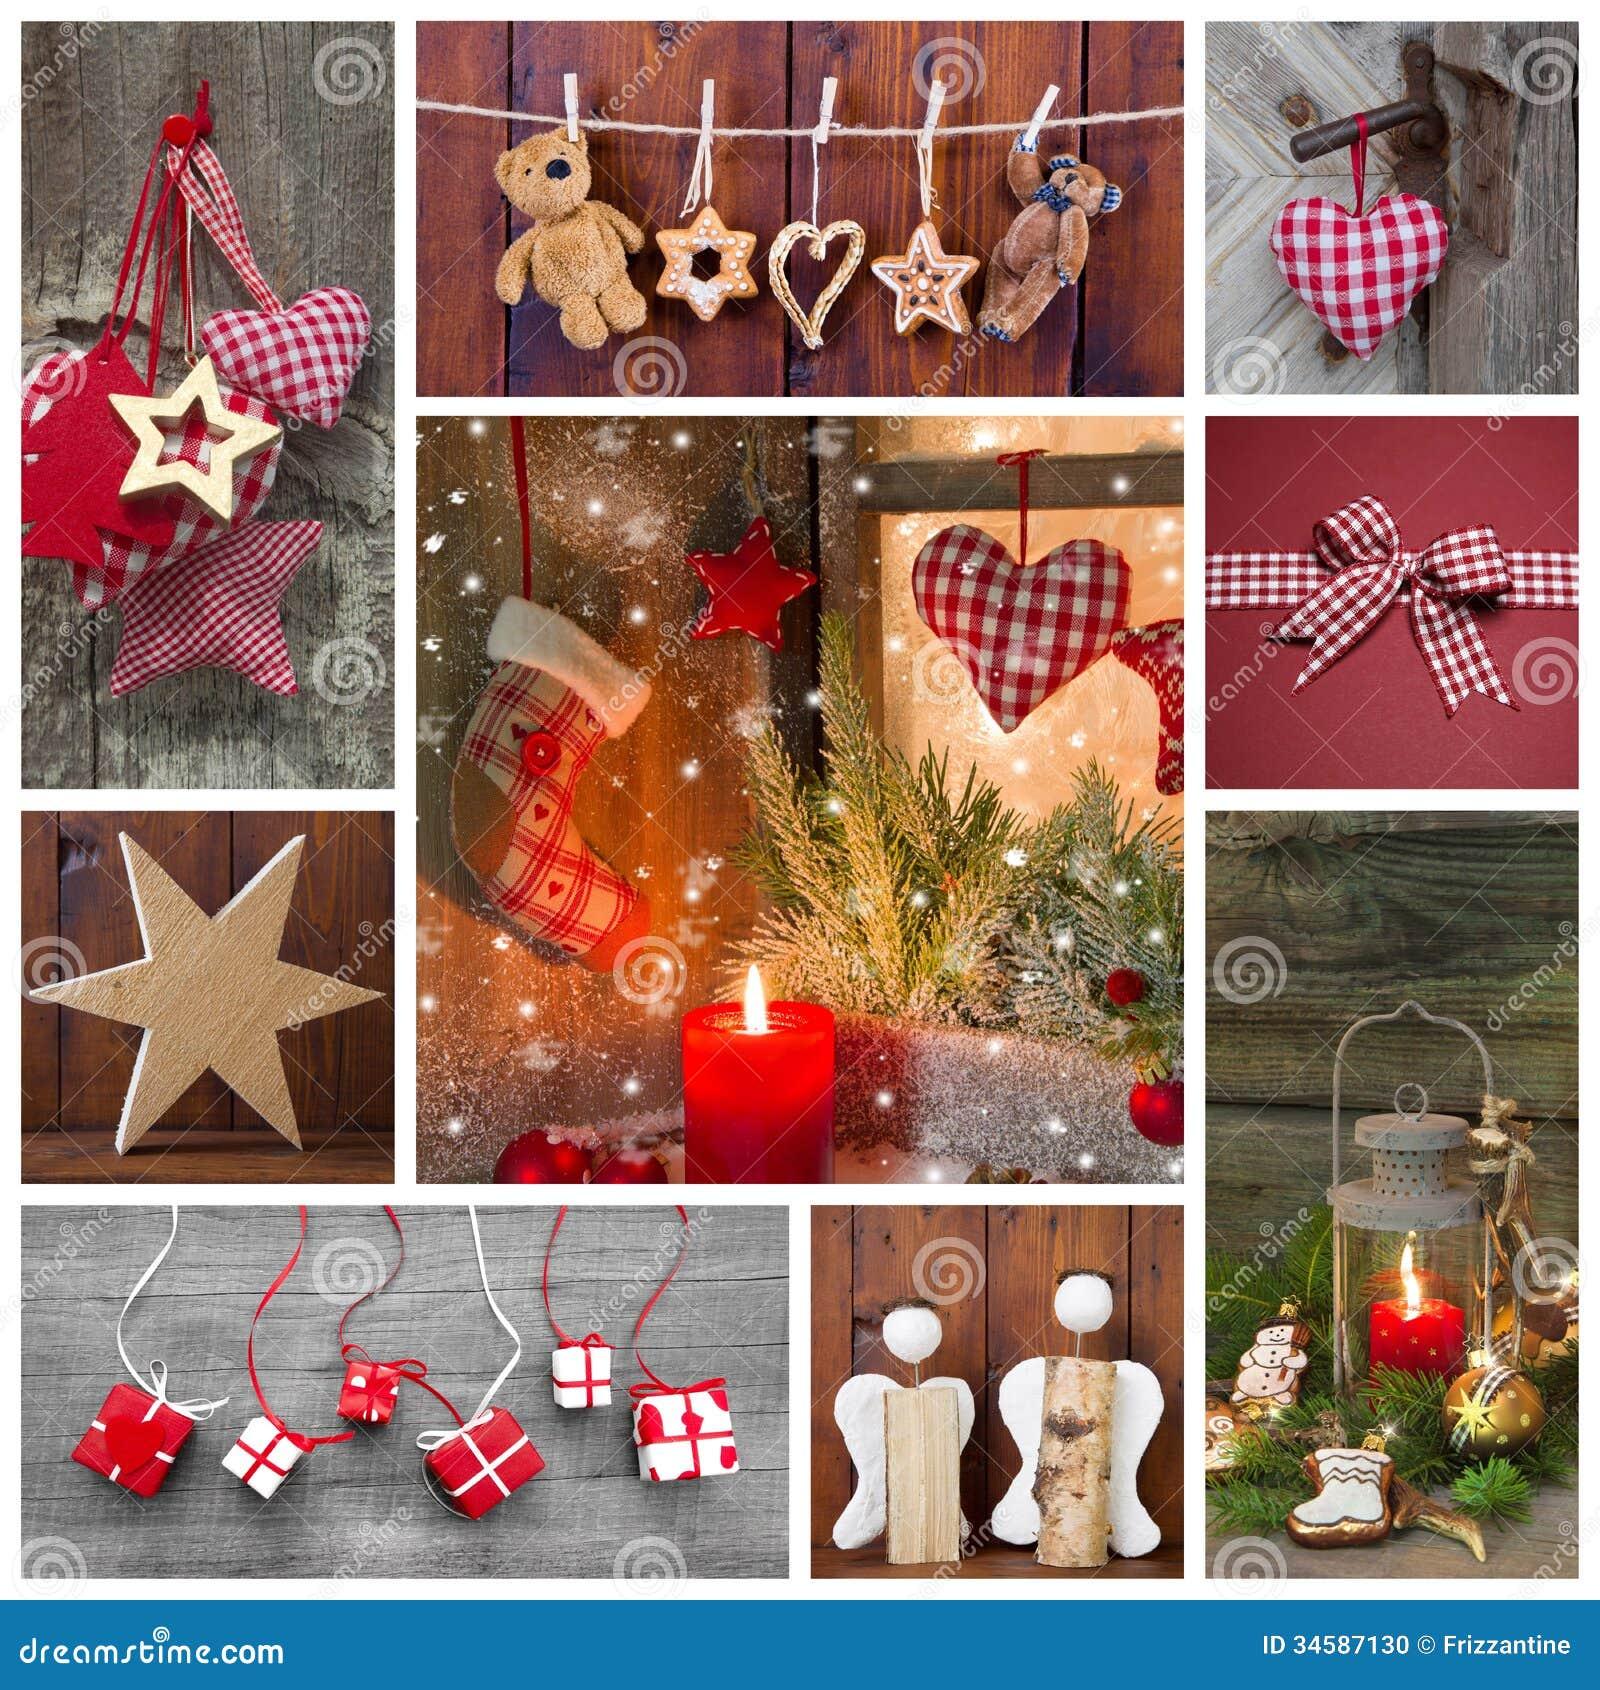 #B01C1B Décoration Classique De Noël En Rouge Vérifié Et Vert  6115 decoration de noel verte 1300x1390 px @ aertt.com